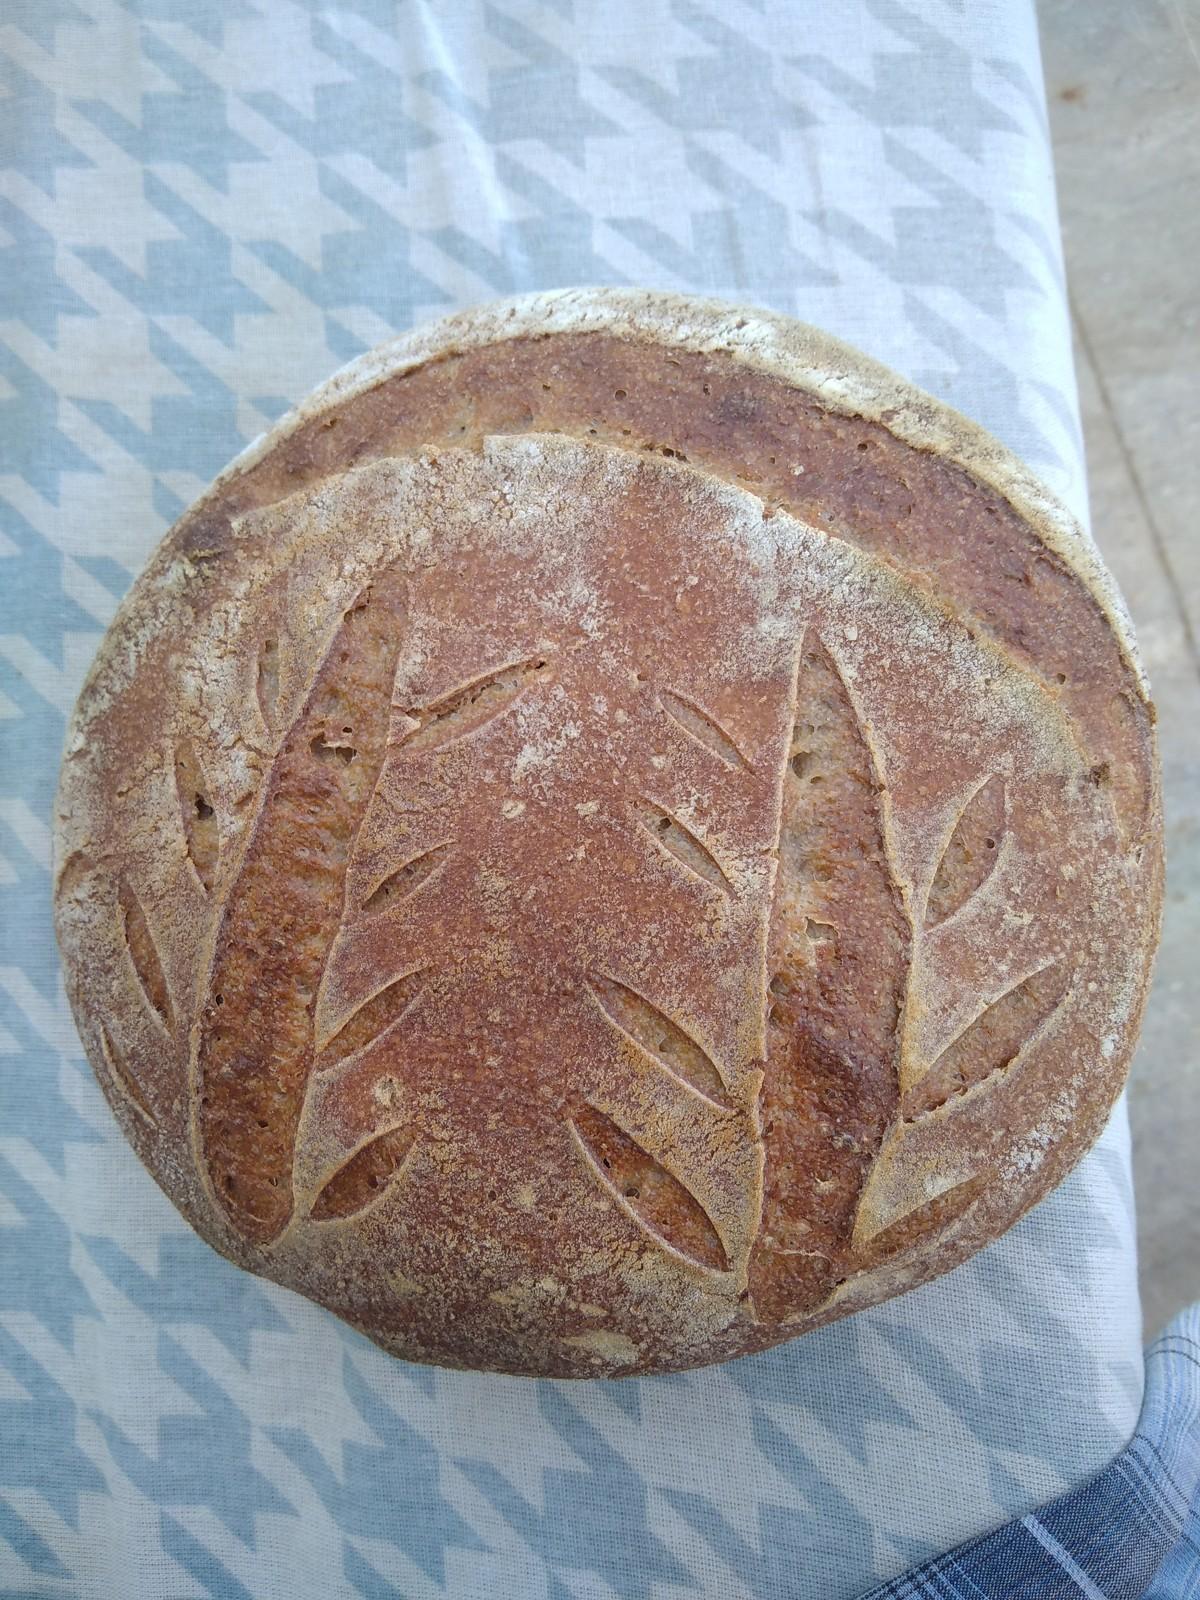 Подовый хлеб - что это такое, его полезные свойства, рецепты